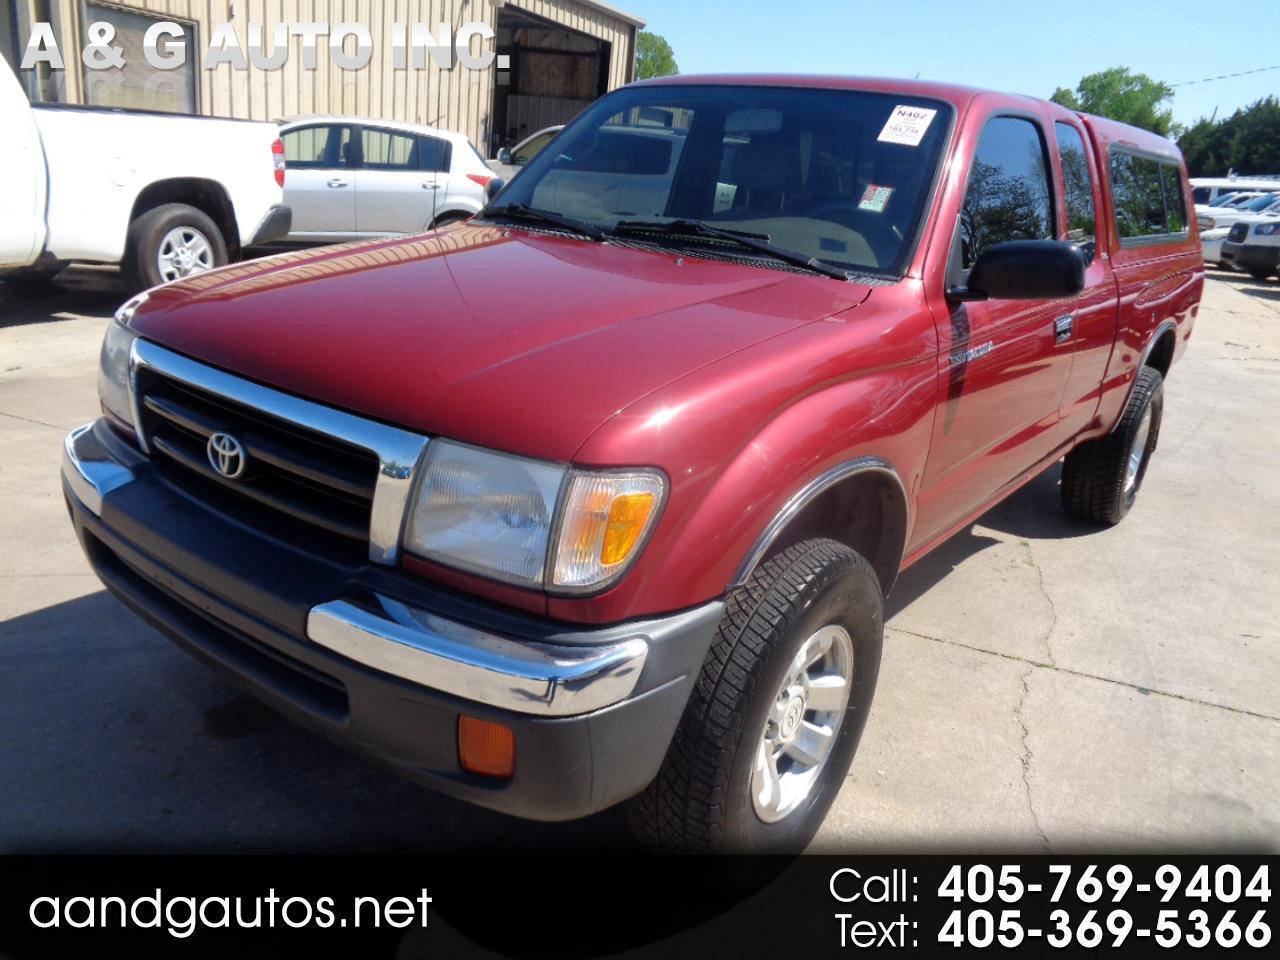 1998 Toyota Tacoma Xtracab V6 4WD